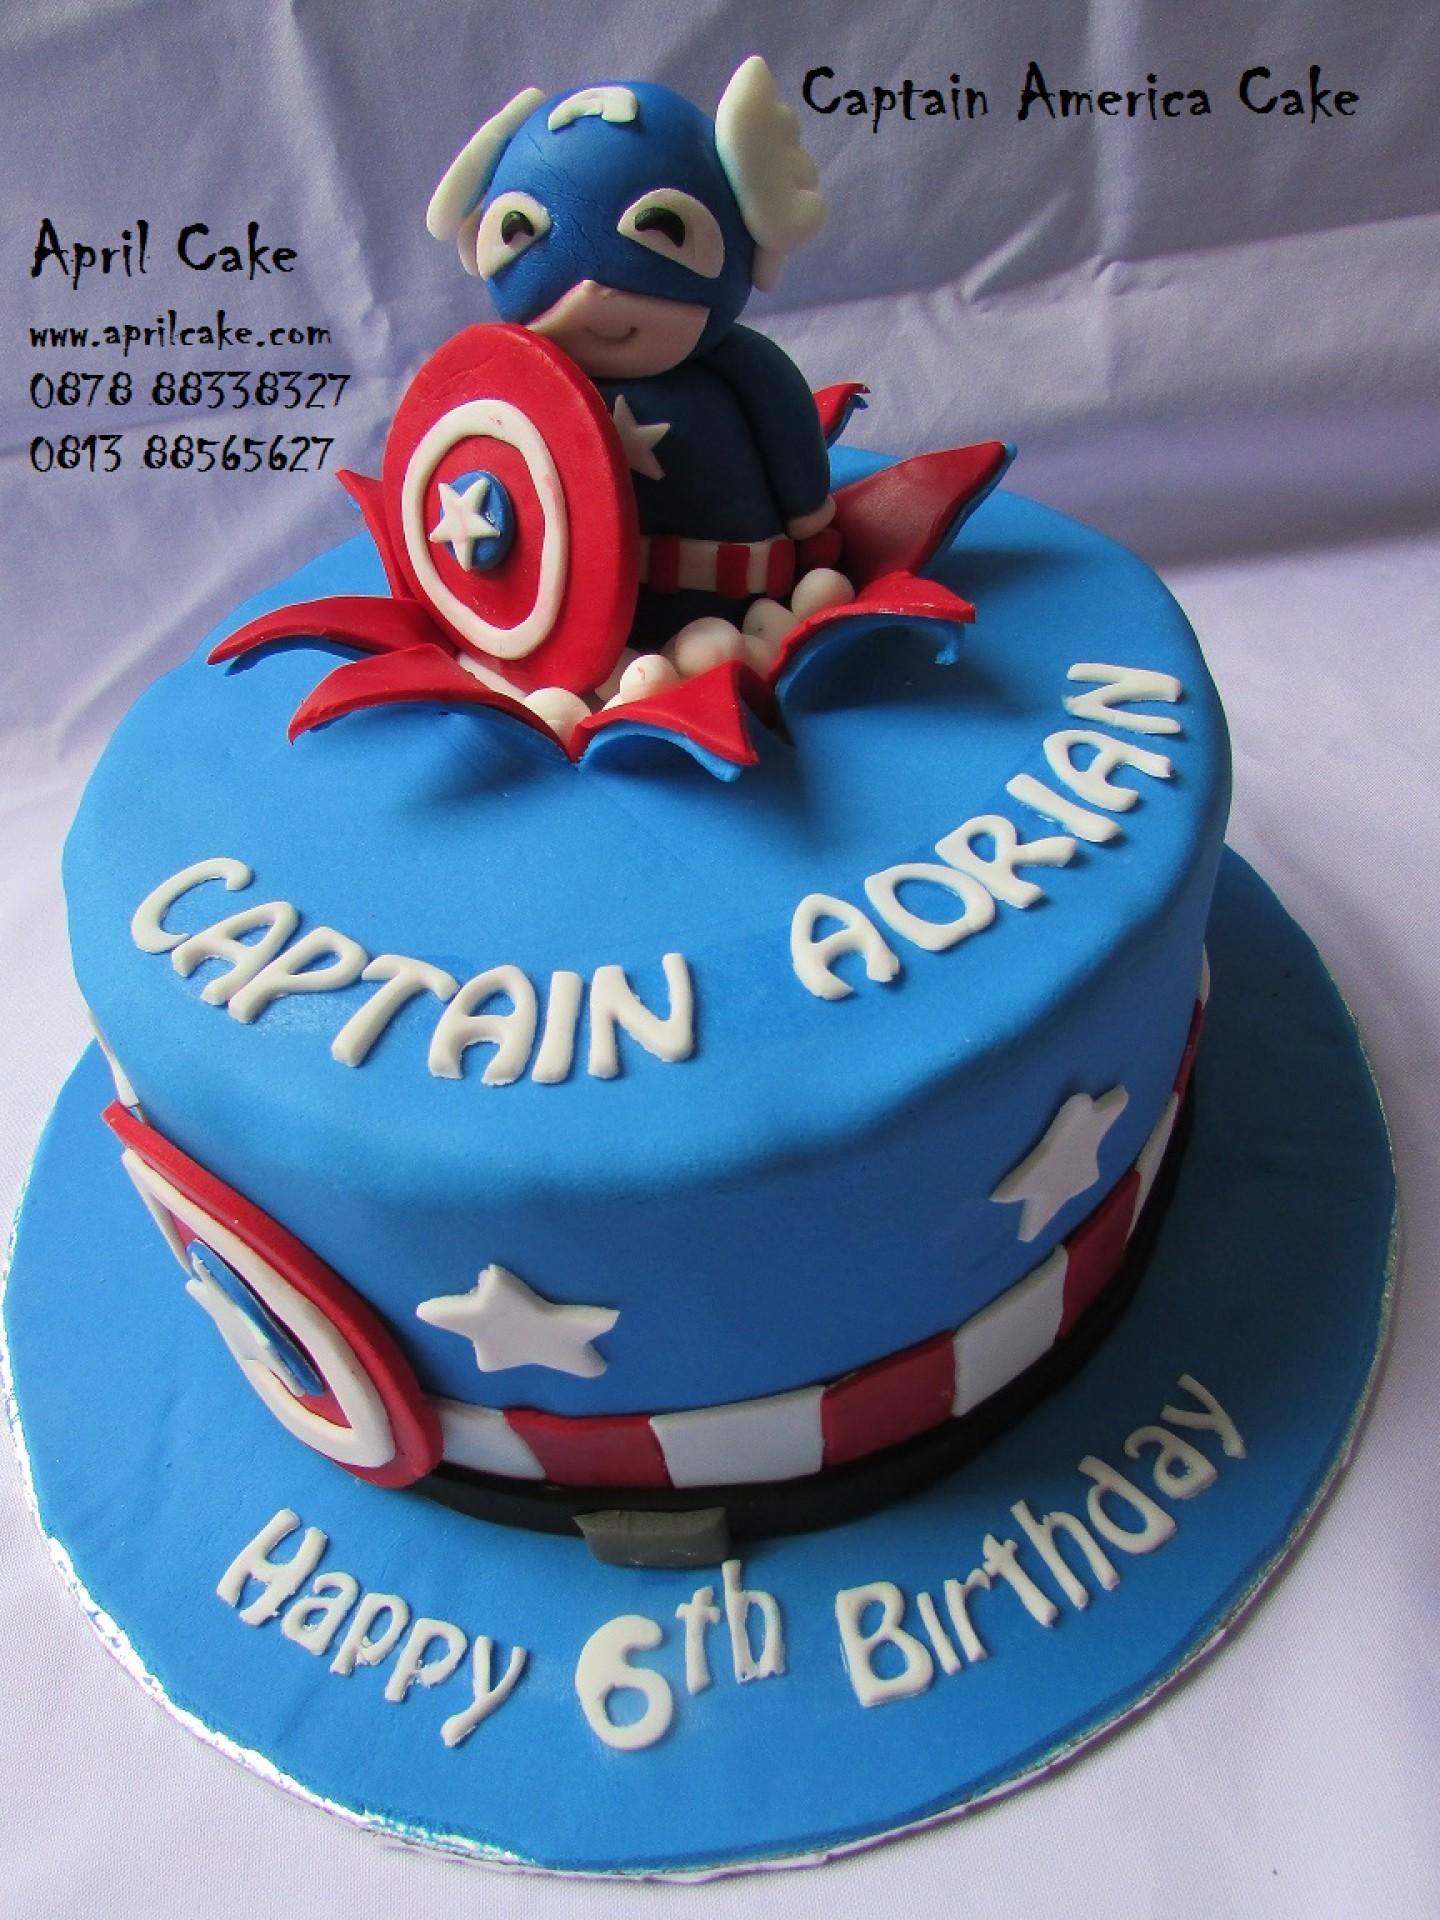 Captain America April Cake